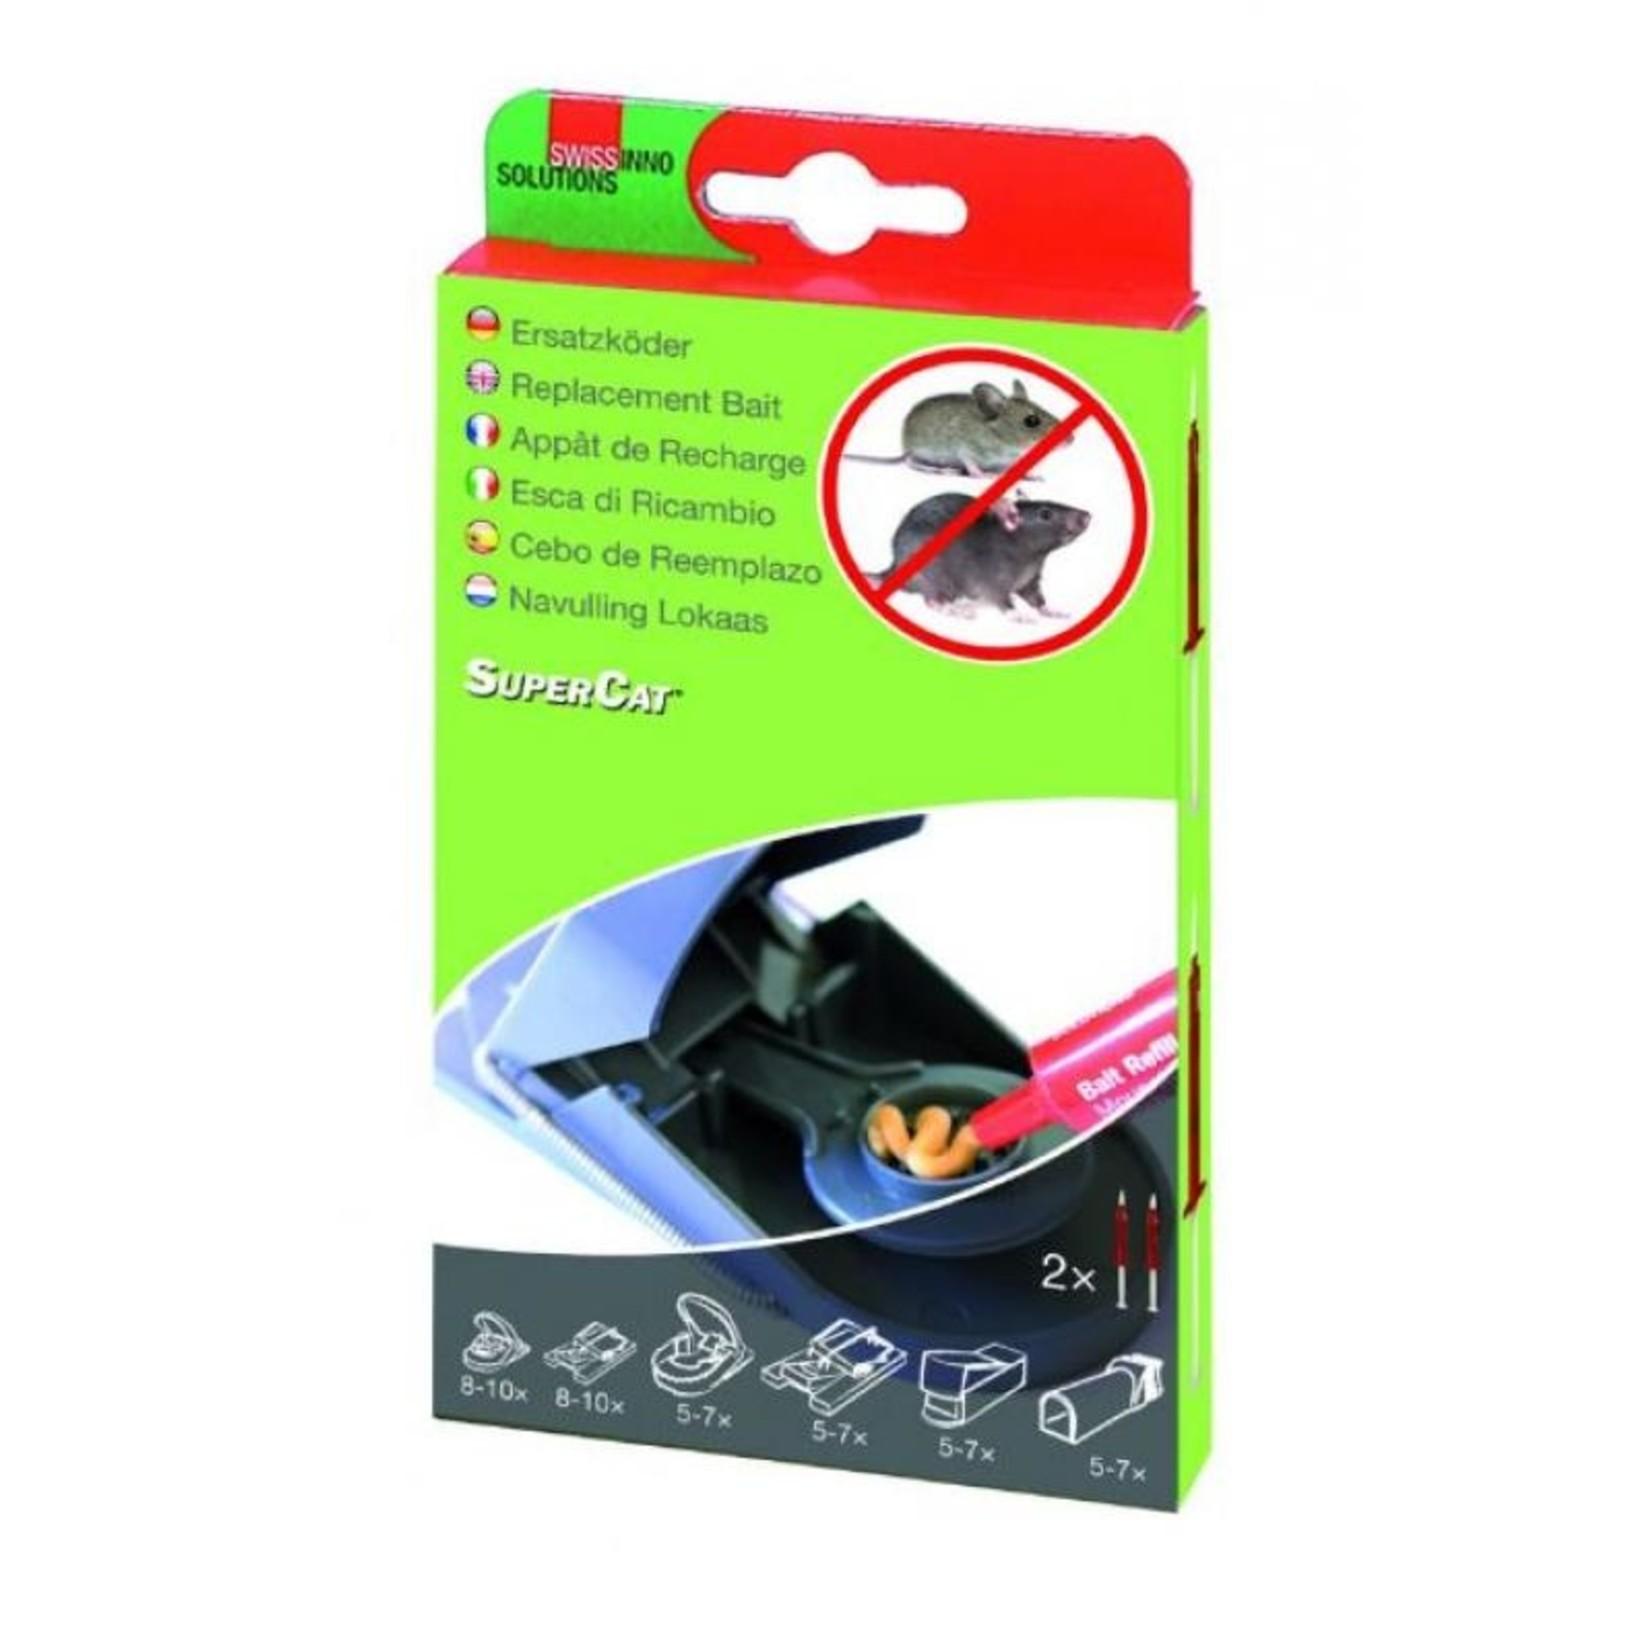 Swissinno Lokaas-Spuit SuperCat (2 stuks) voor alle muizen- en rattenvallen